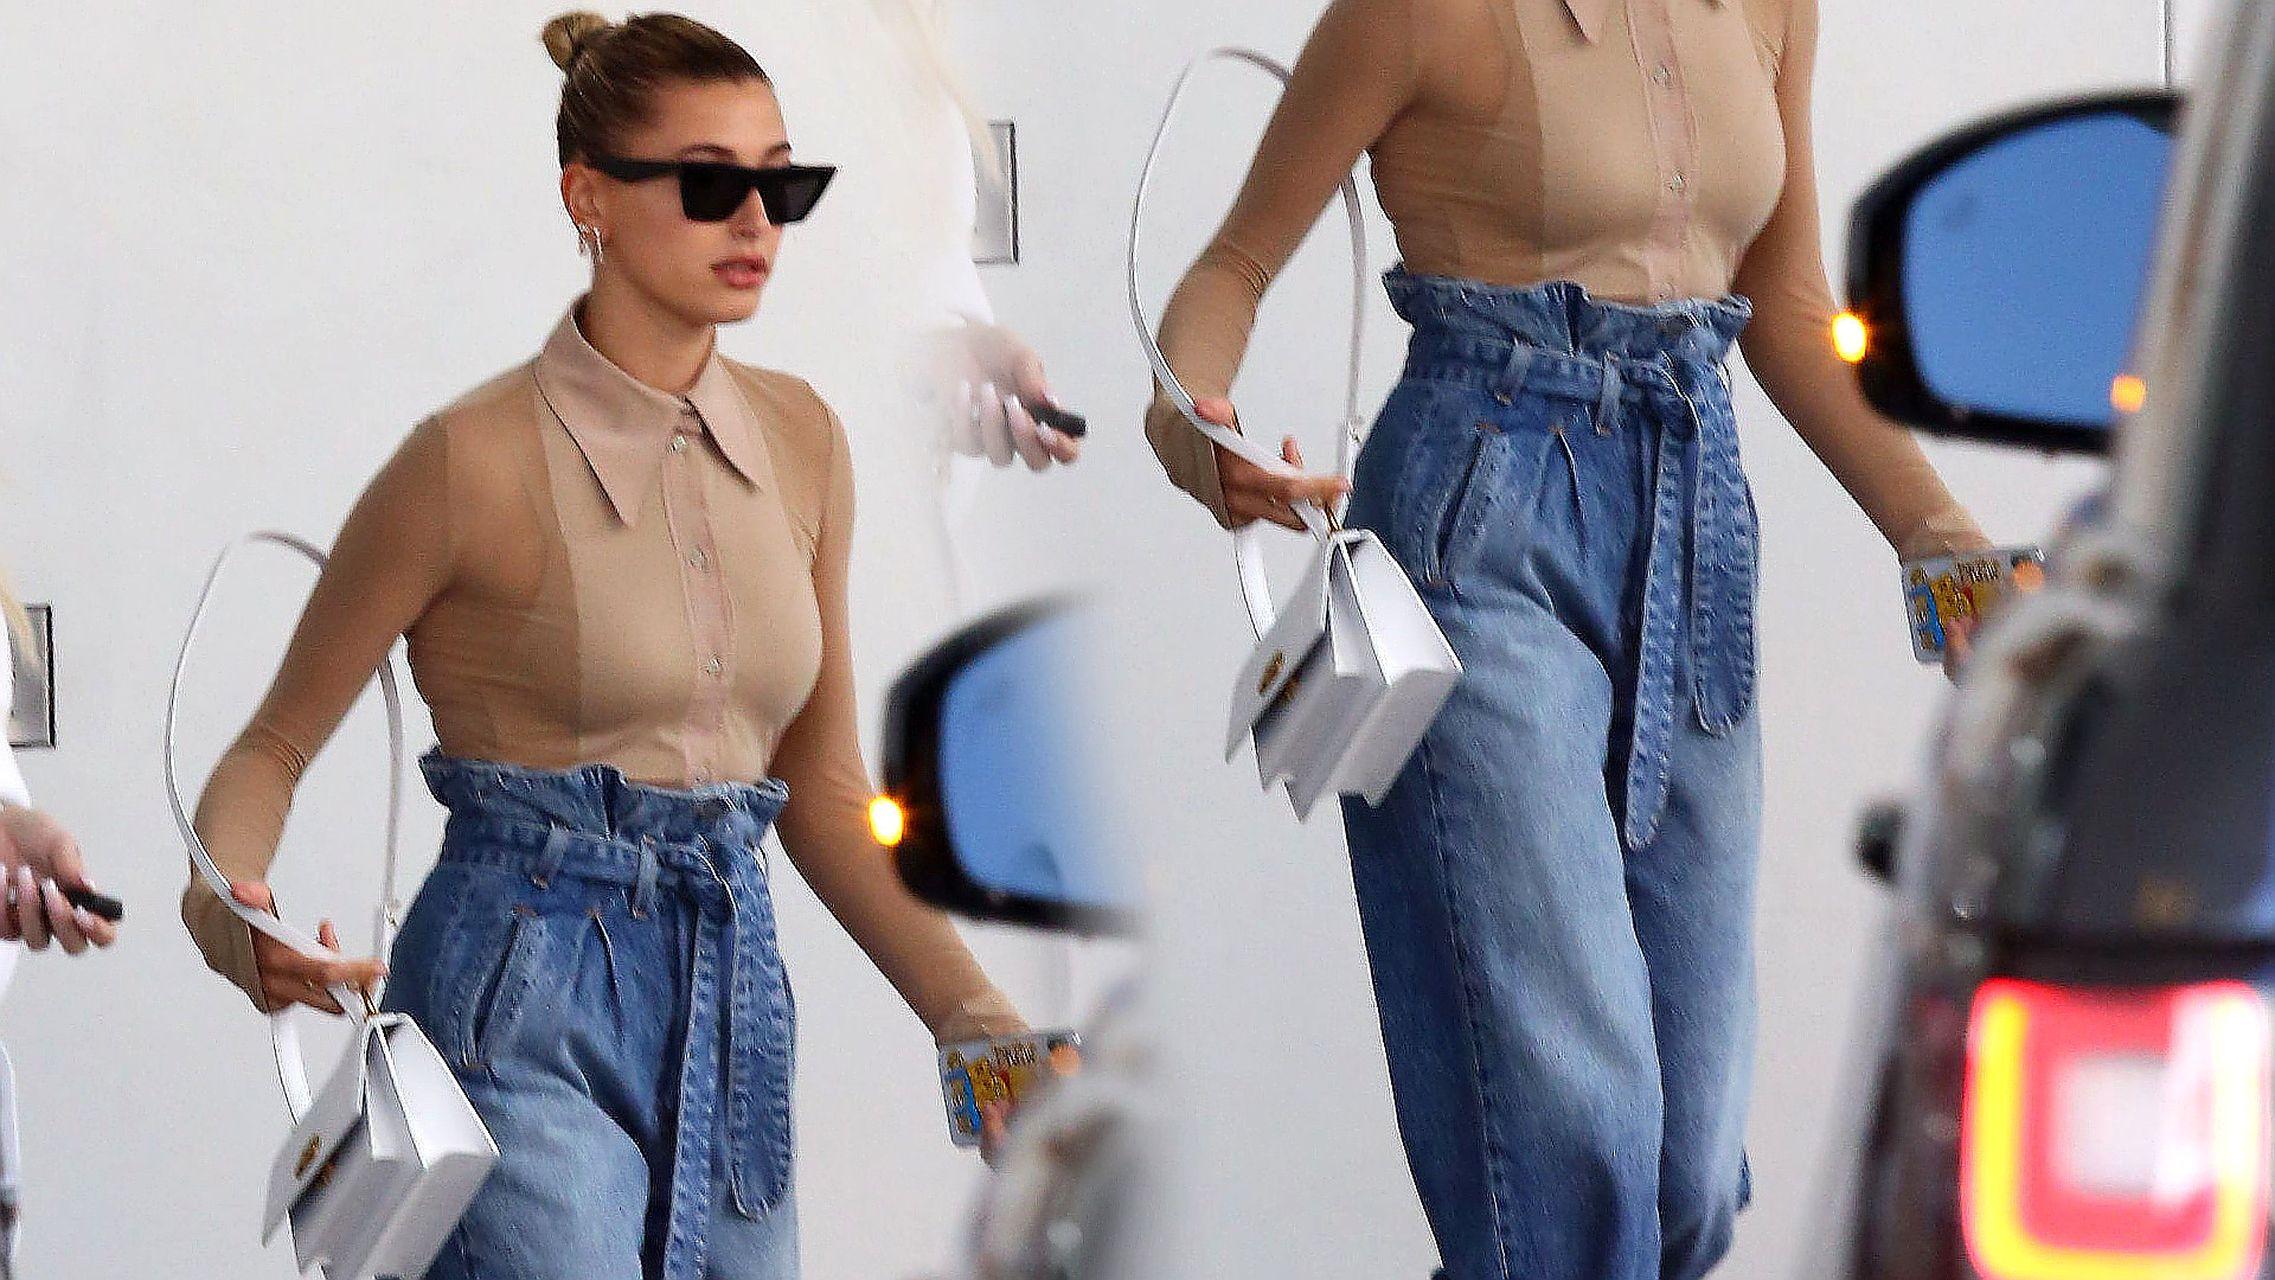 Spodnie to jeszcze nic, zobaczcie BUTY Hailey Bieber (ZDJĘCIA)